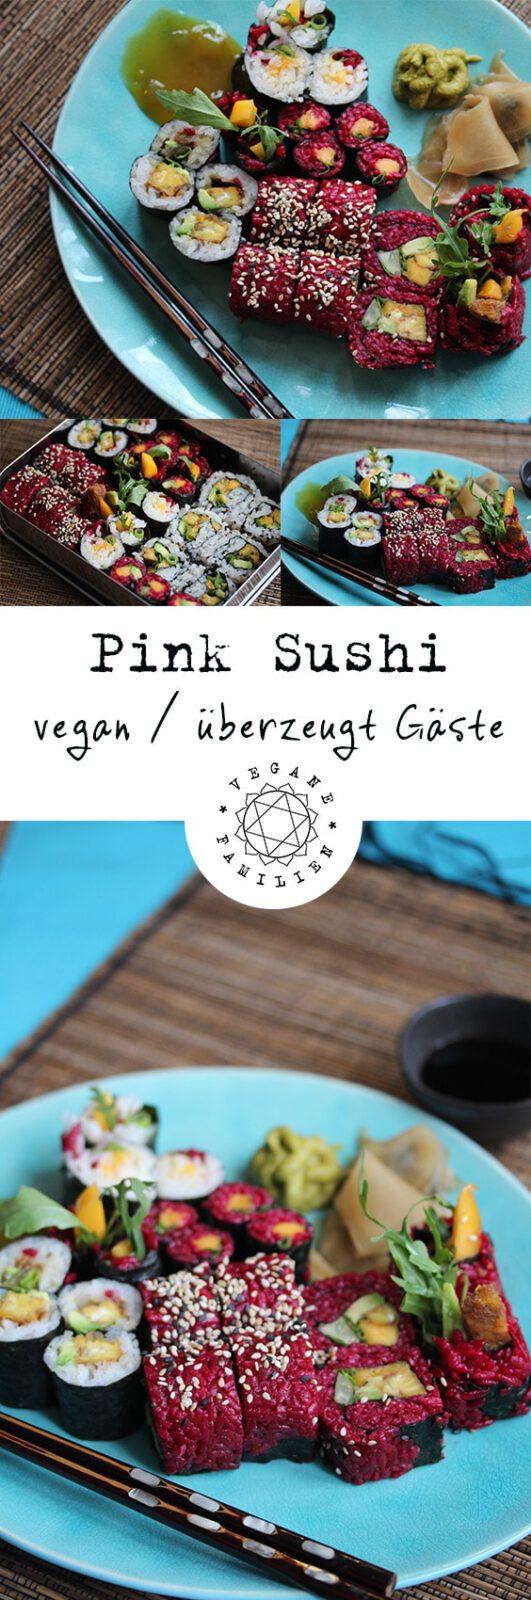 Pink Sushi vegan